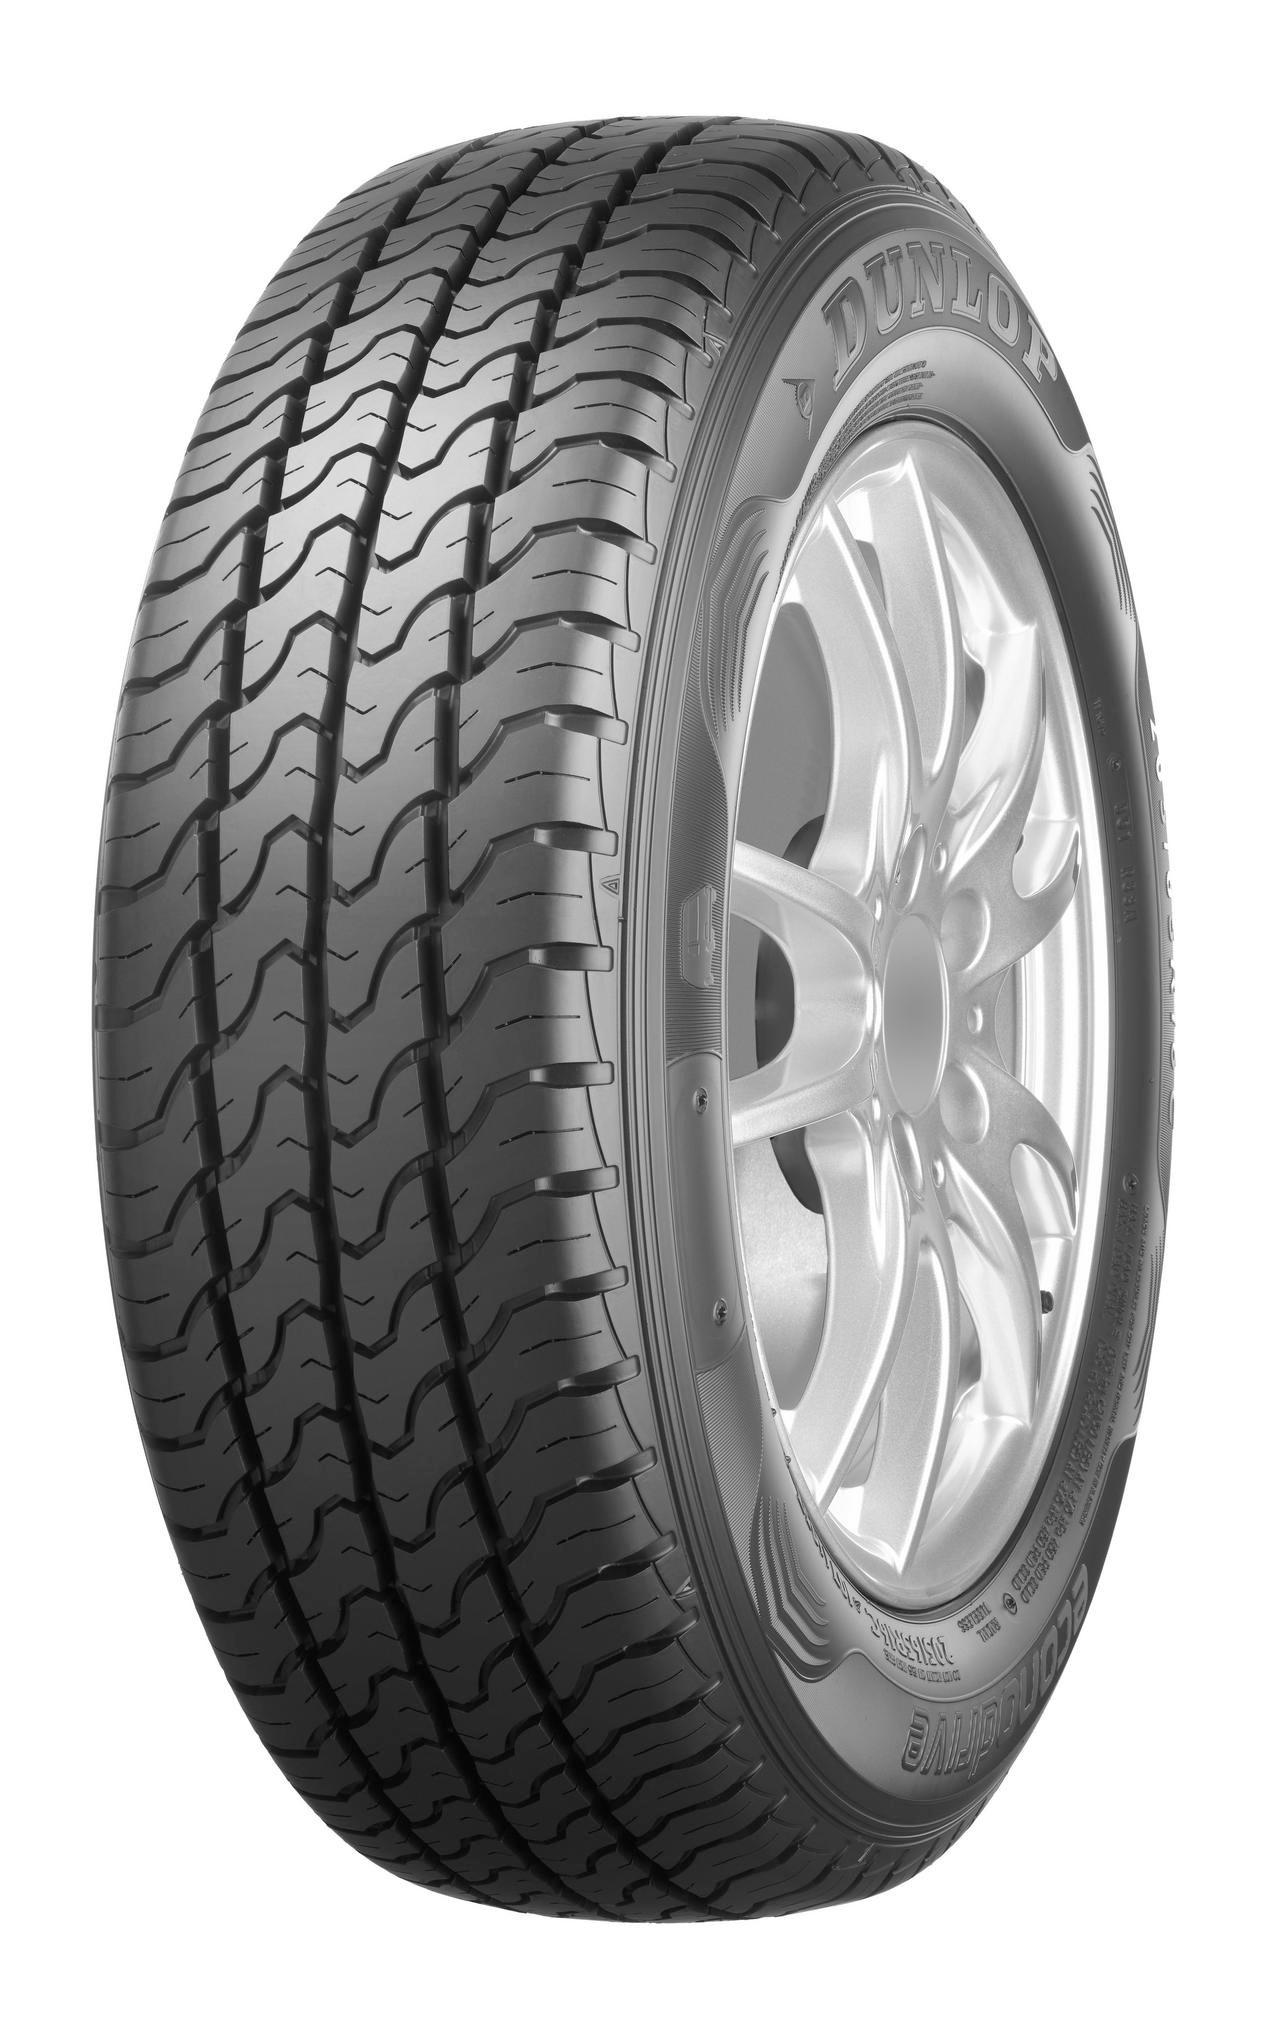 Dunlop Econodrive 175/70R14C 95/93T